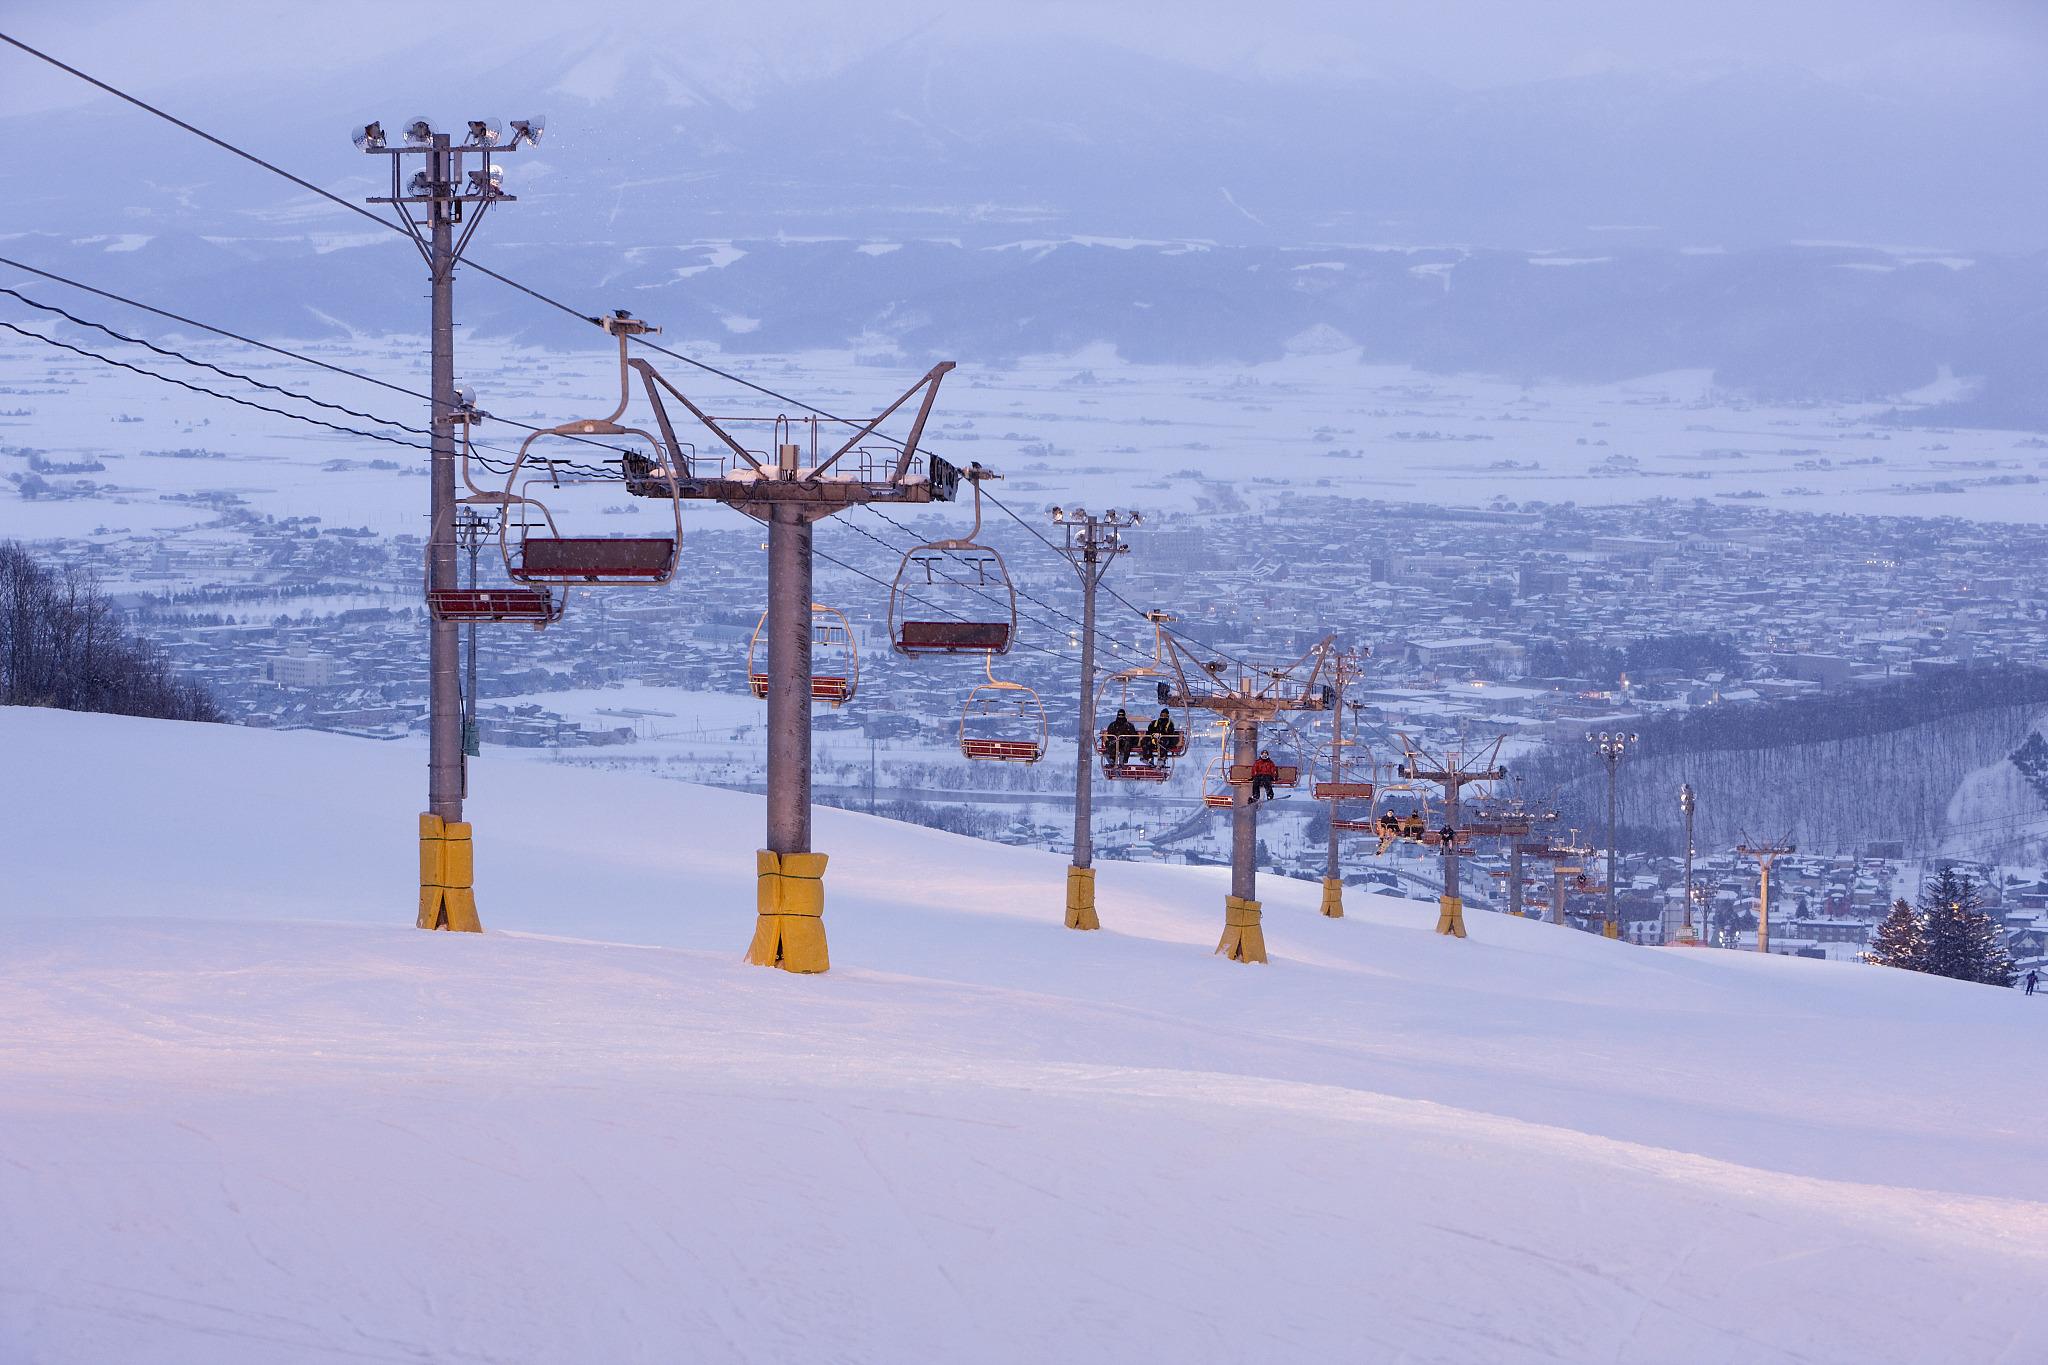 富良野滑雪場1日門票纜車票(指定套餐買二送一)